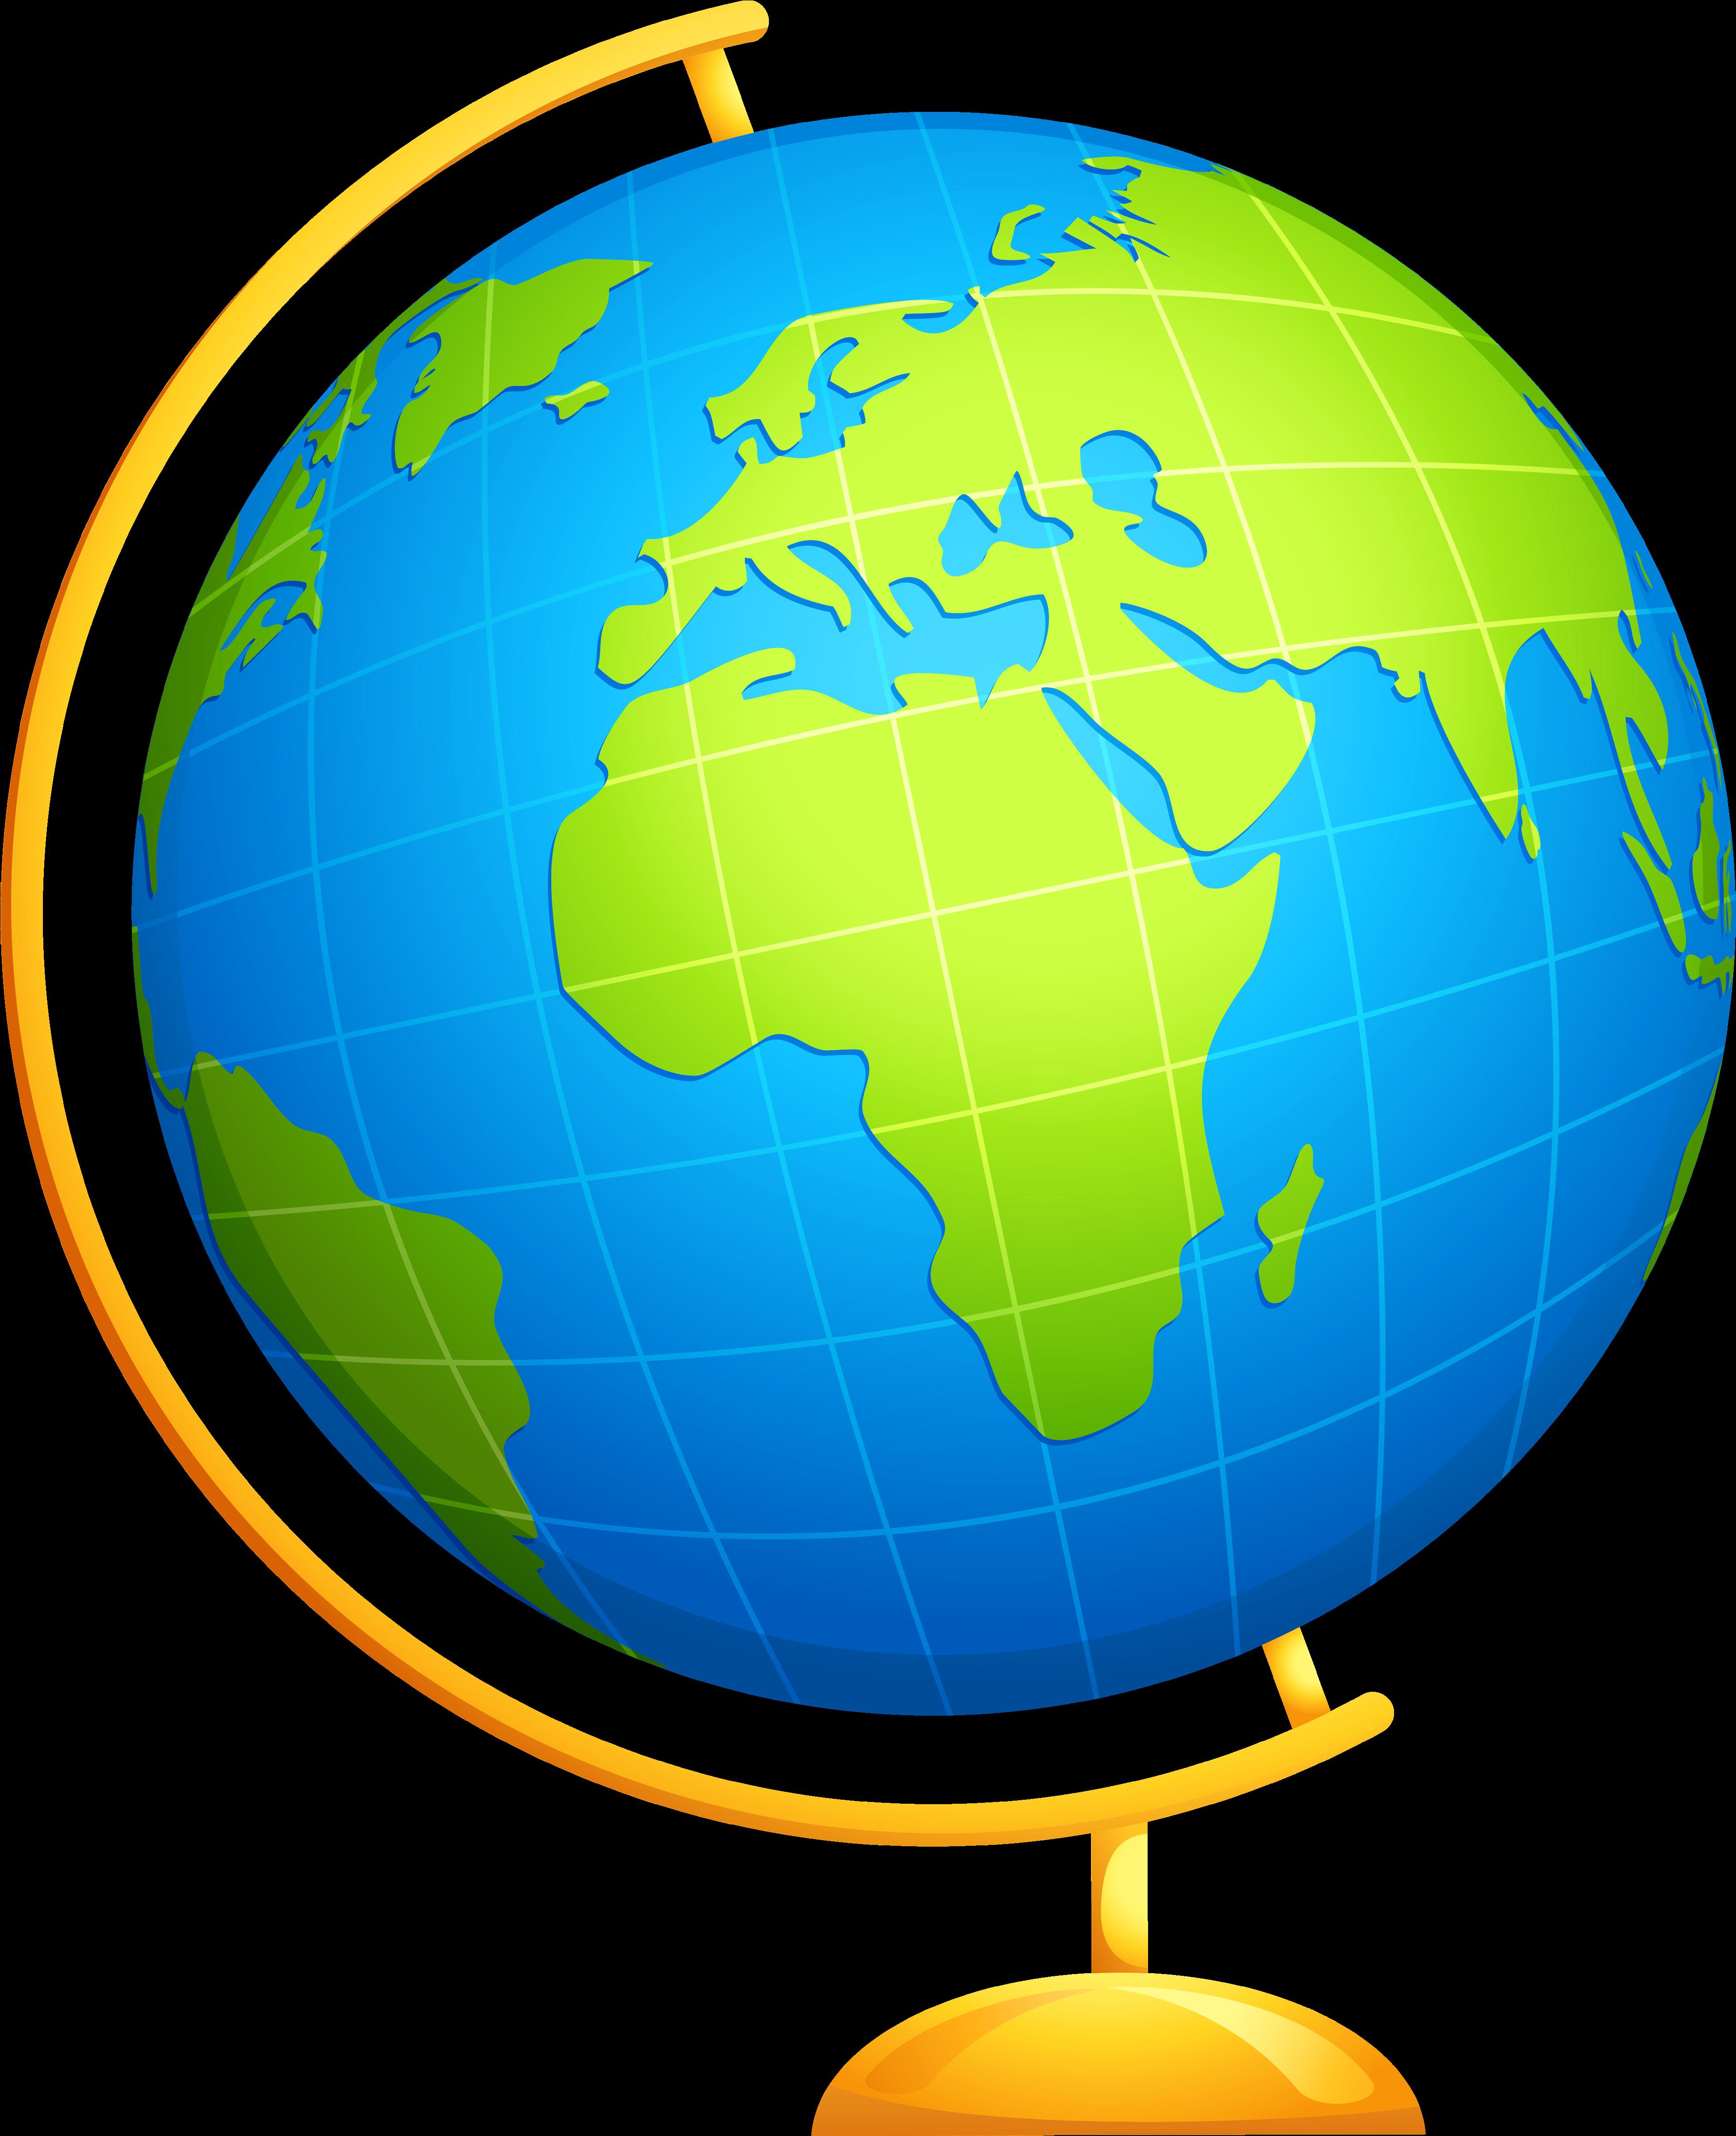 HD Free Globe Clipart Clipartxtras.